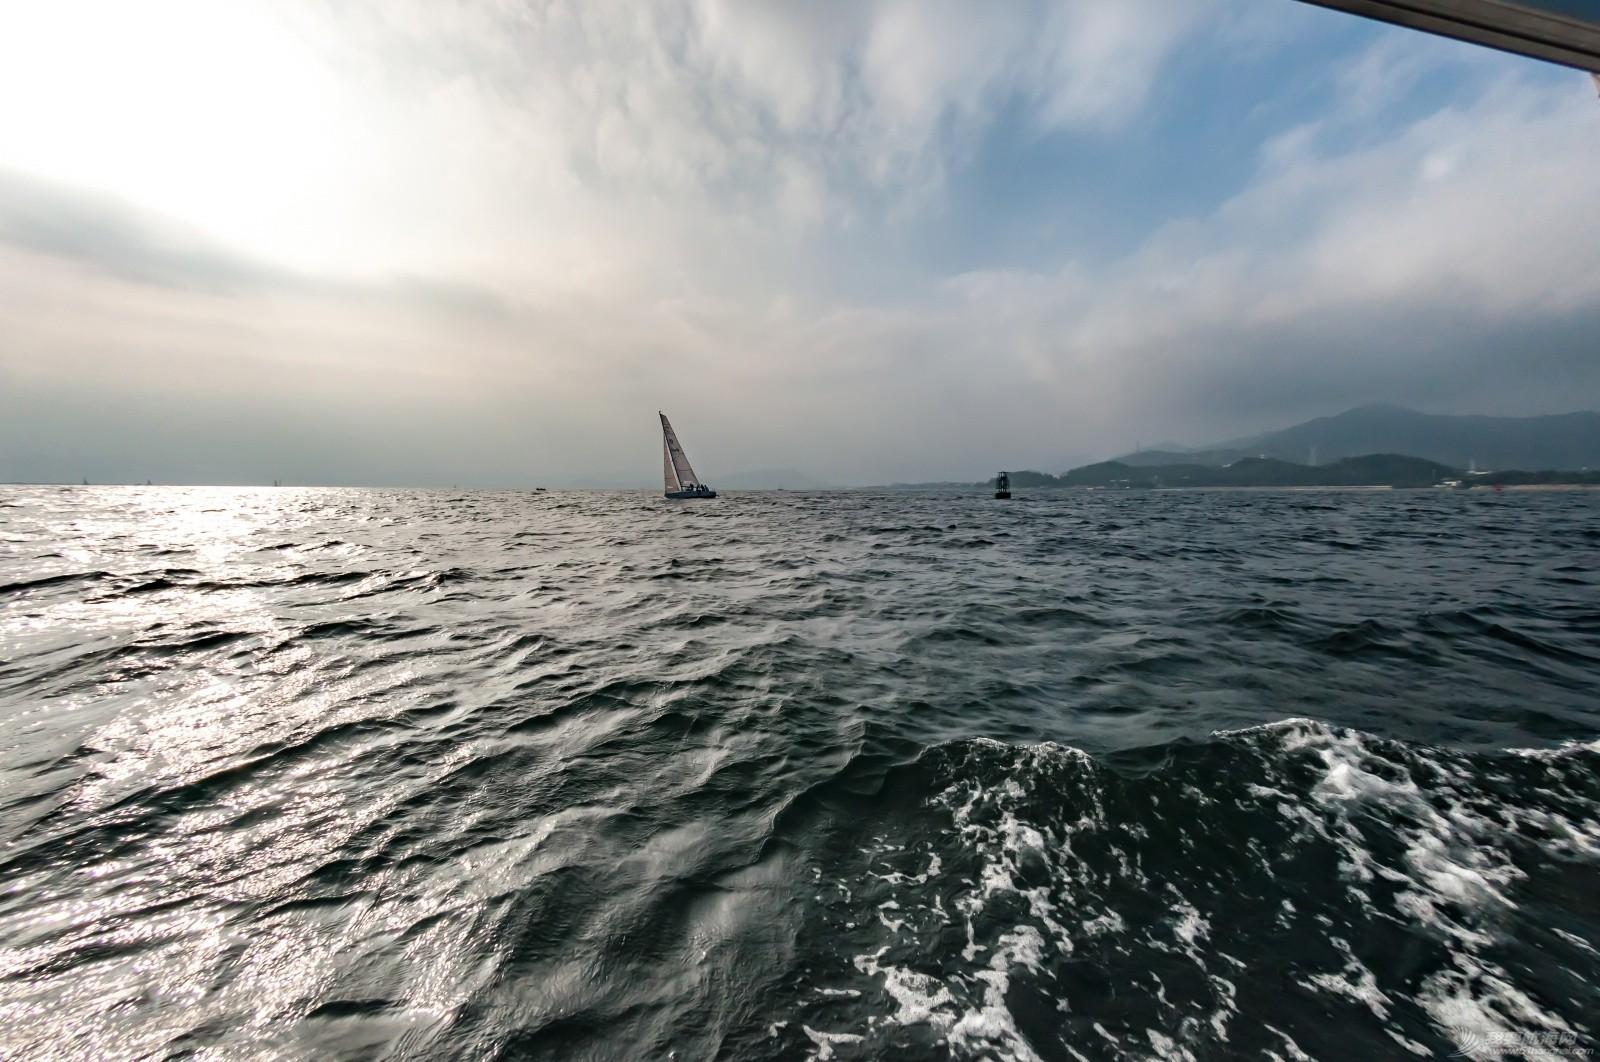 帆船 【2015大鹏杯帆船赛】鱼眼看航海 16007.jpg